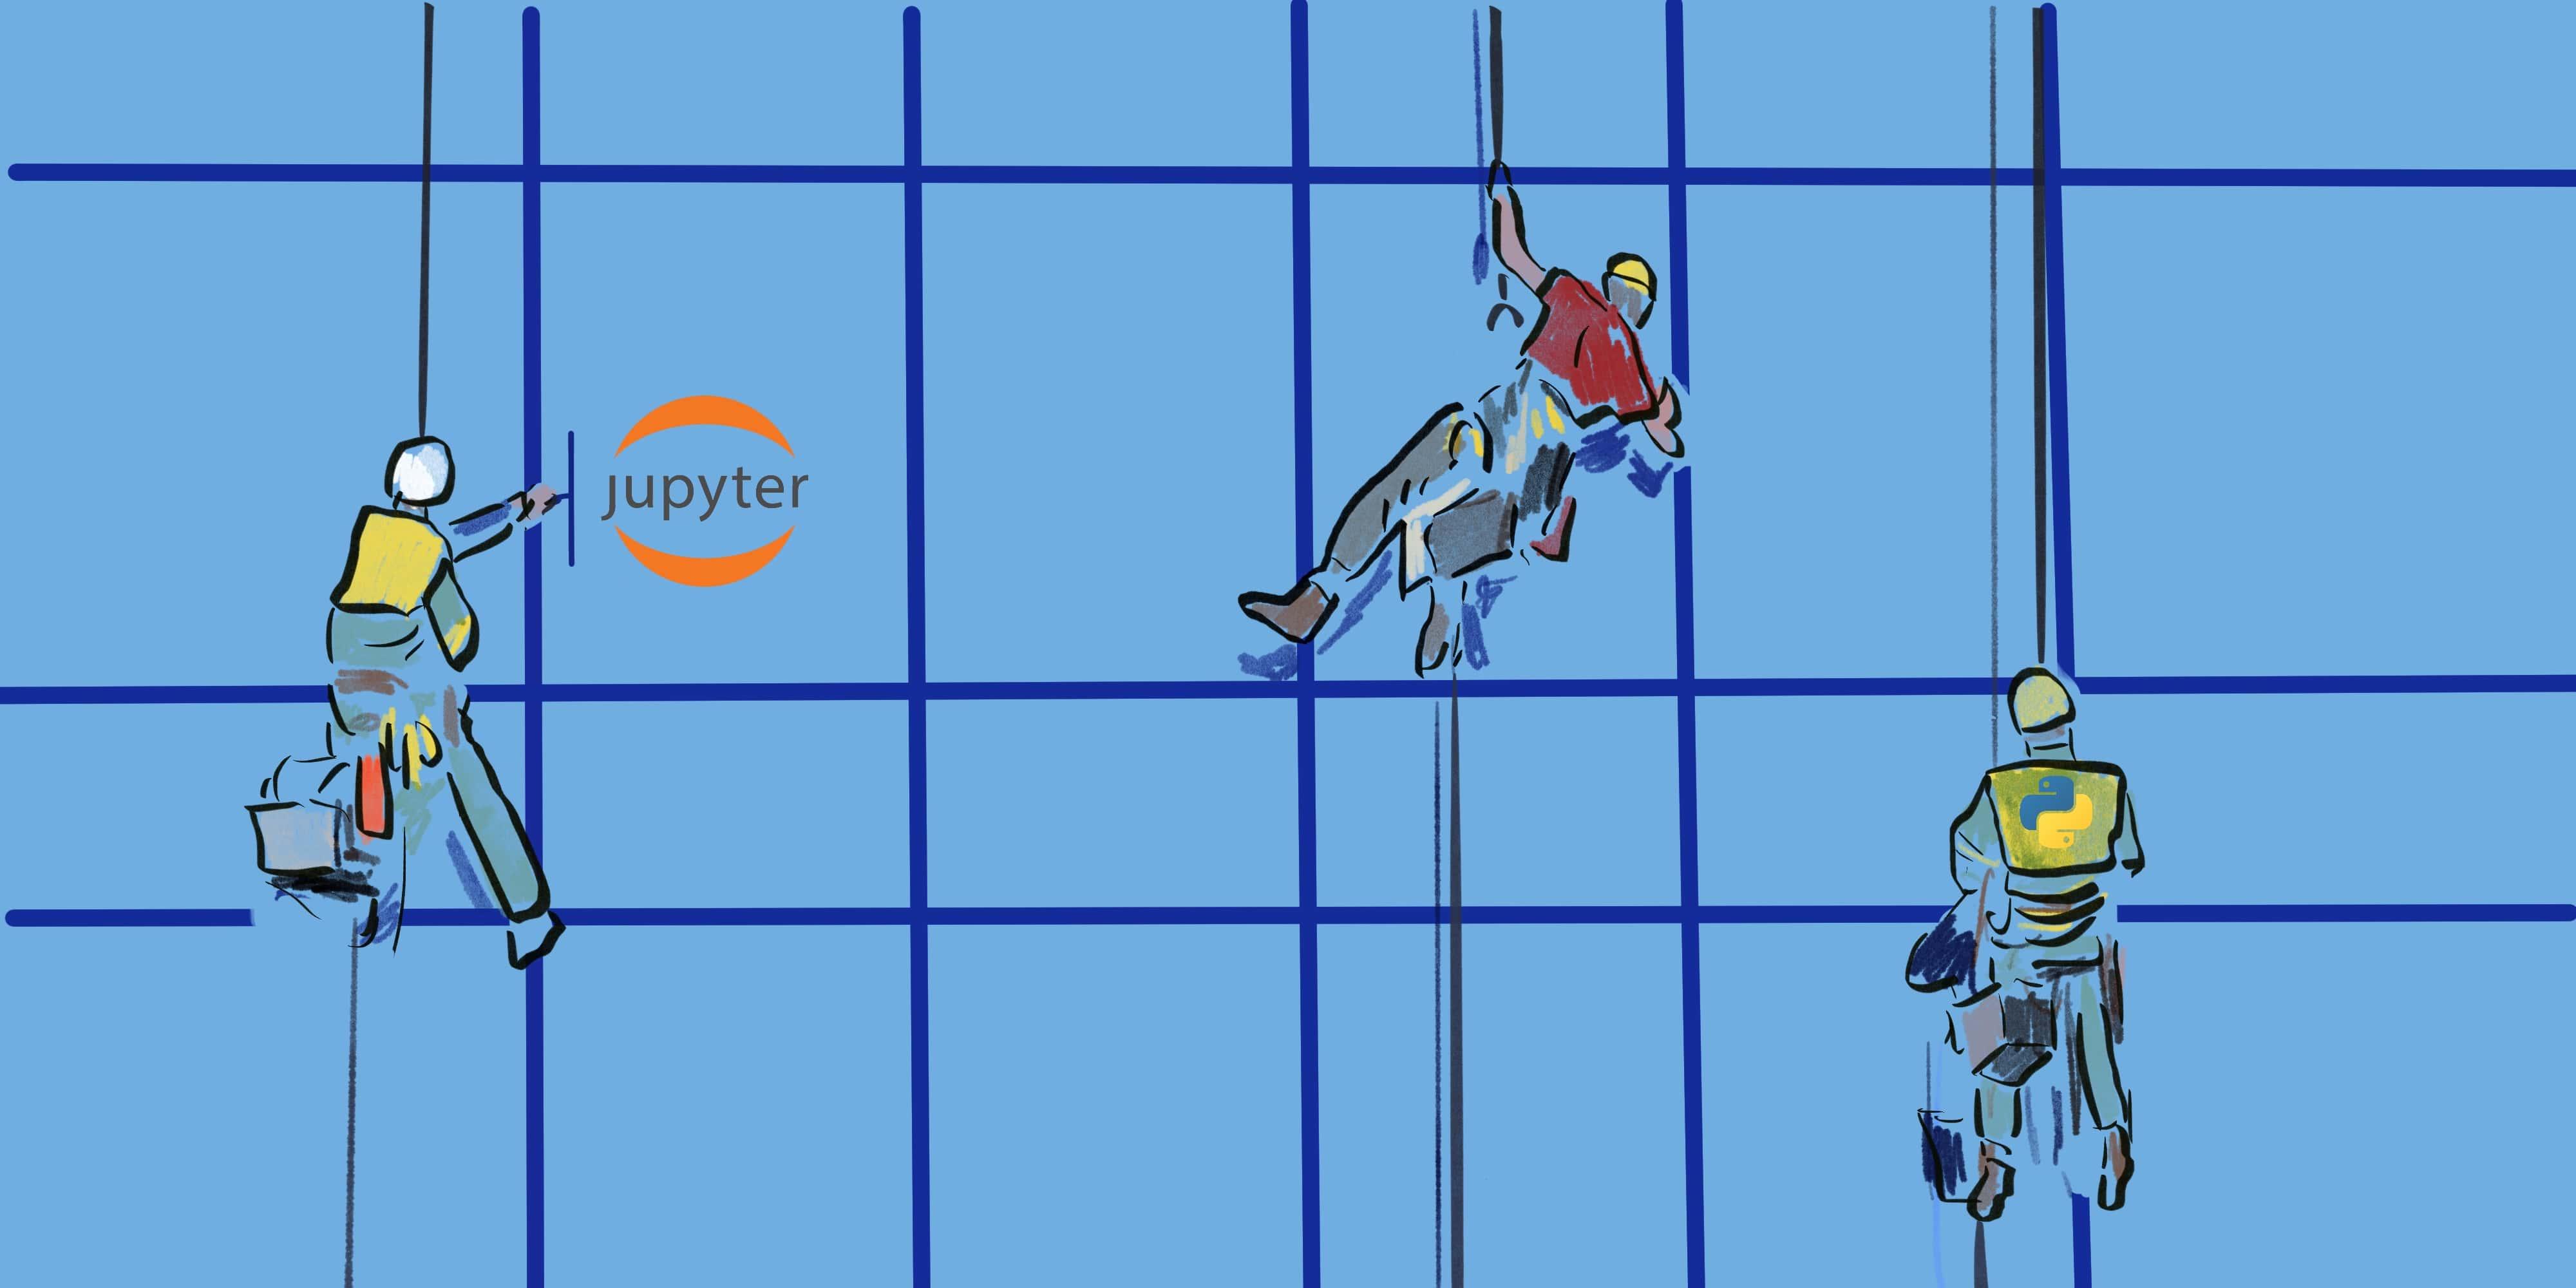 Моем датасет: руководство по очистке данных в Python — IT-МИР. ПОМОЩЬ В IT-МИРЕ 2020